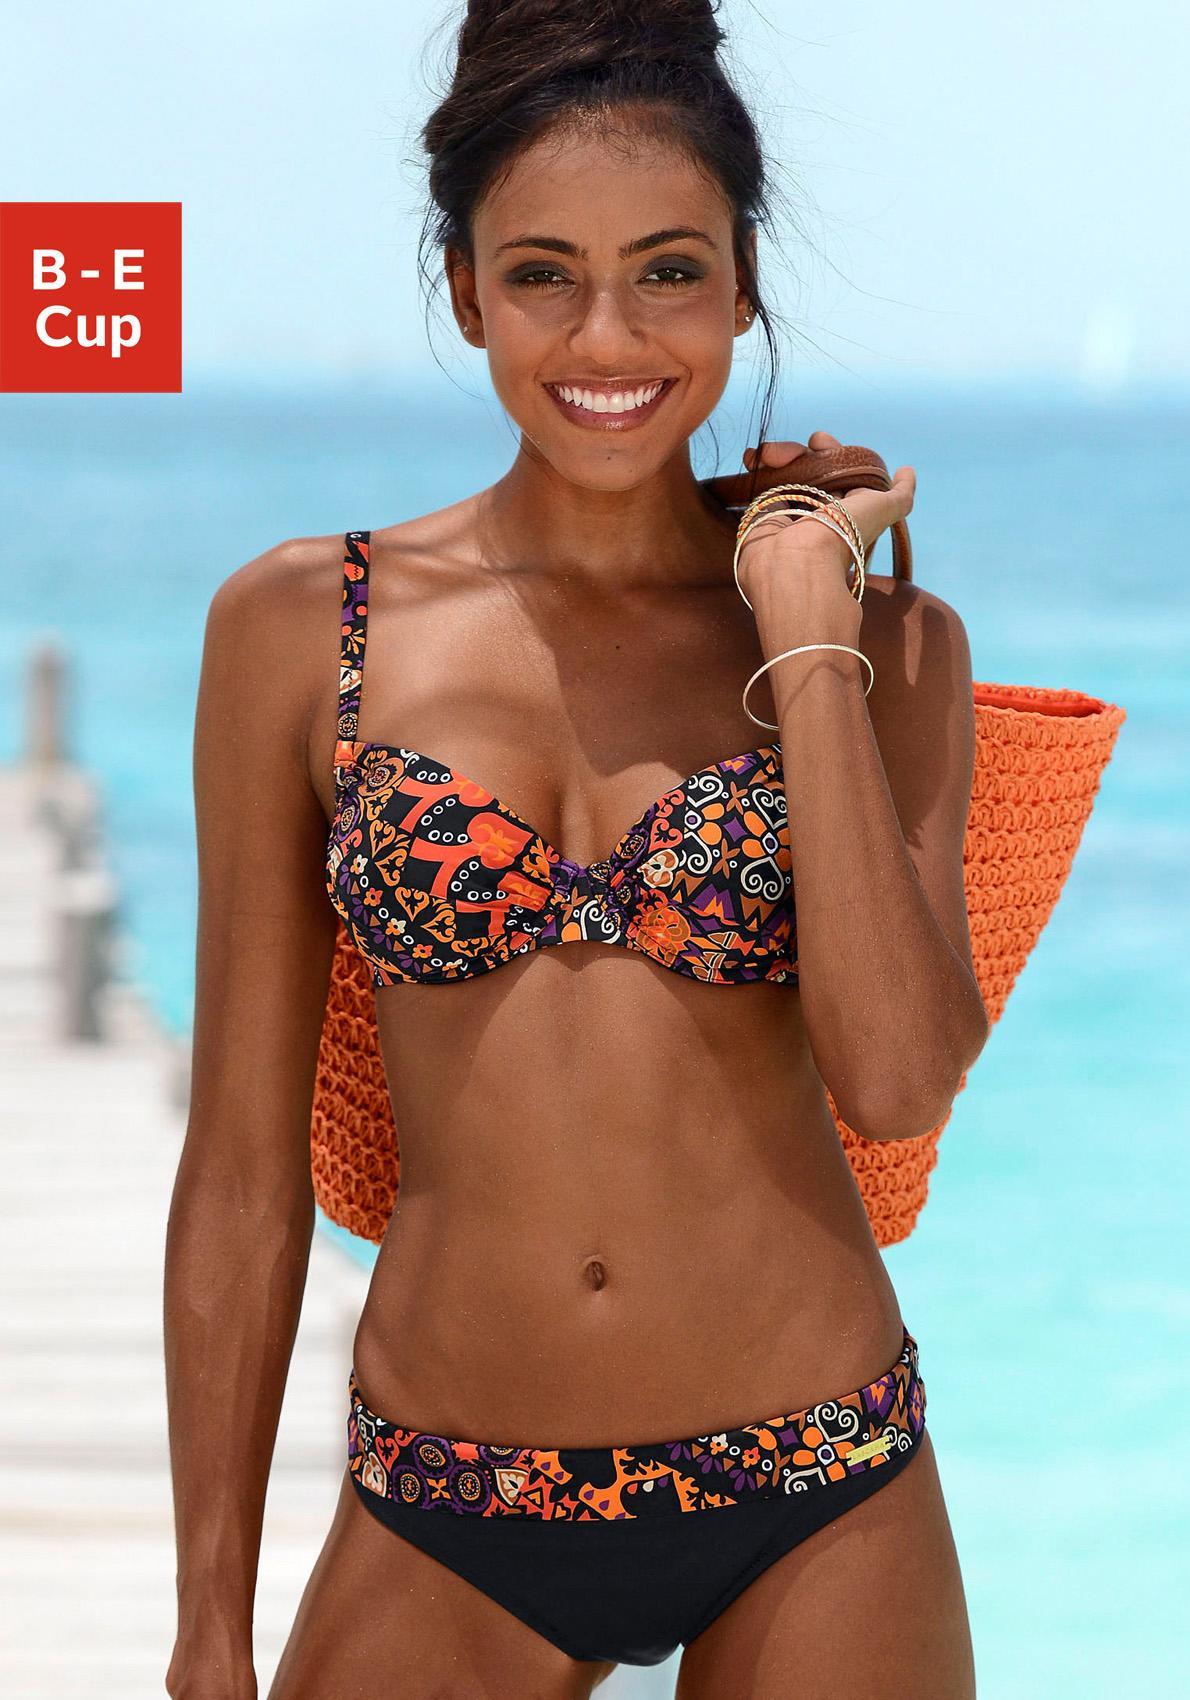 LASCANA Bügel-Bikini im schönem Druckdesign